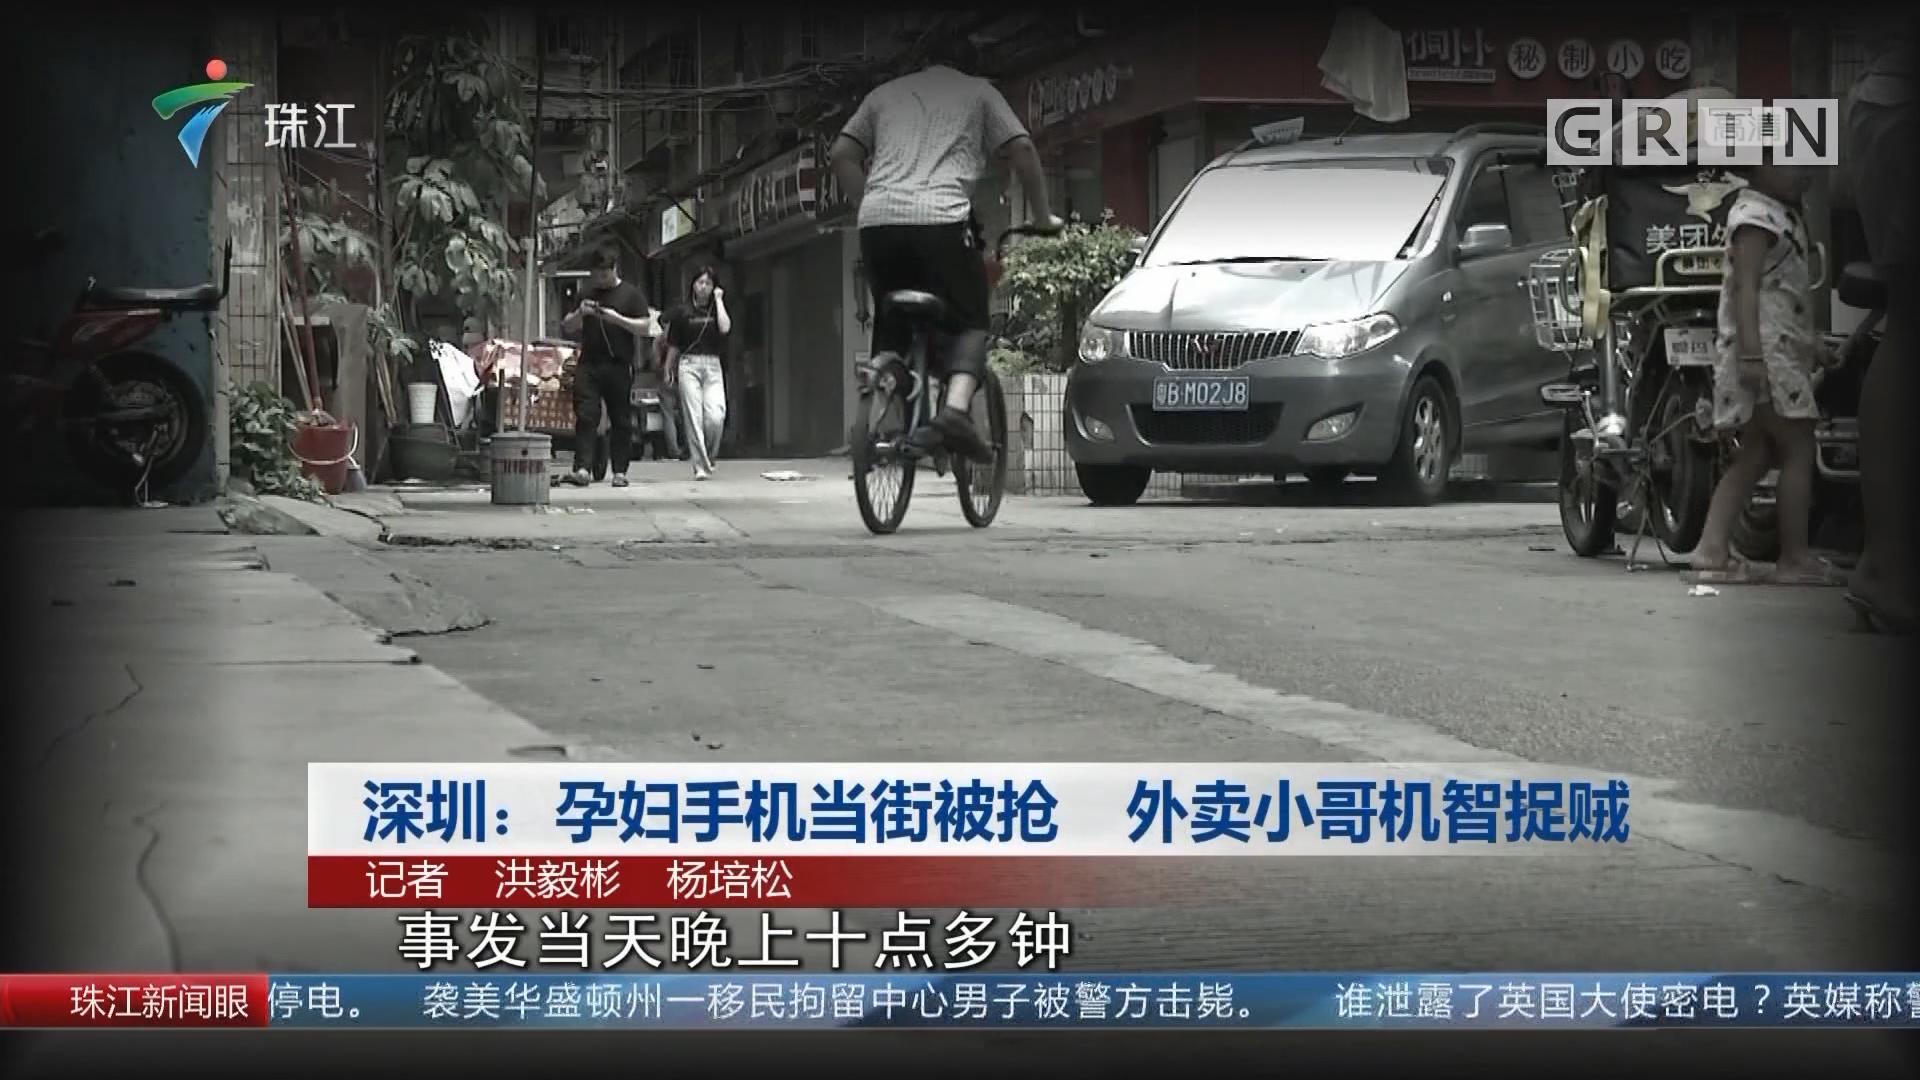 深圳:孕婦手機當街被搶 外賣小哥機智捉賊